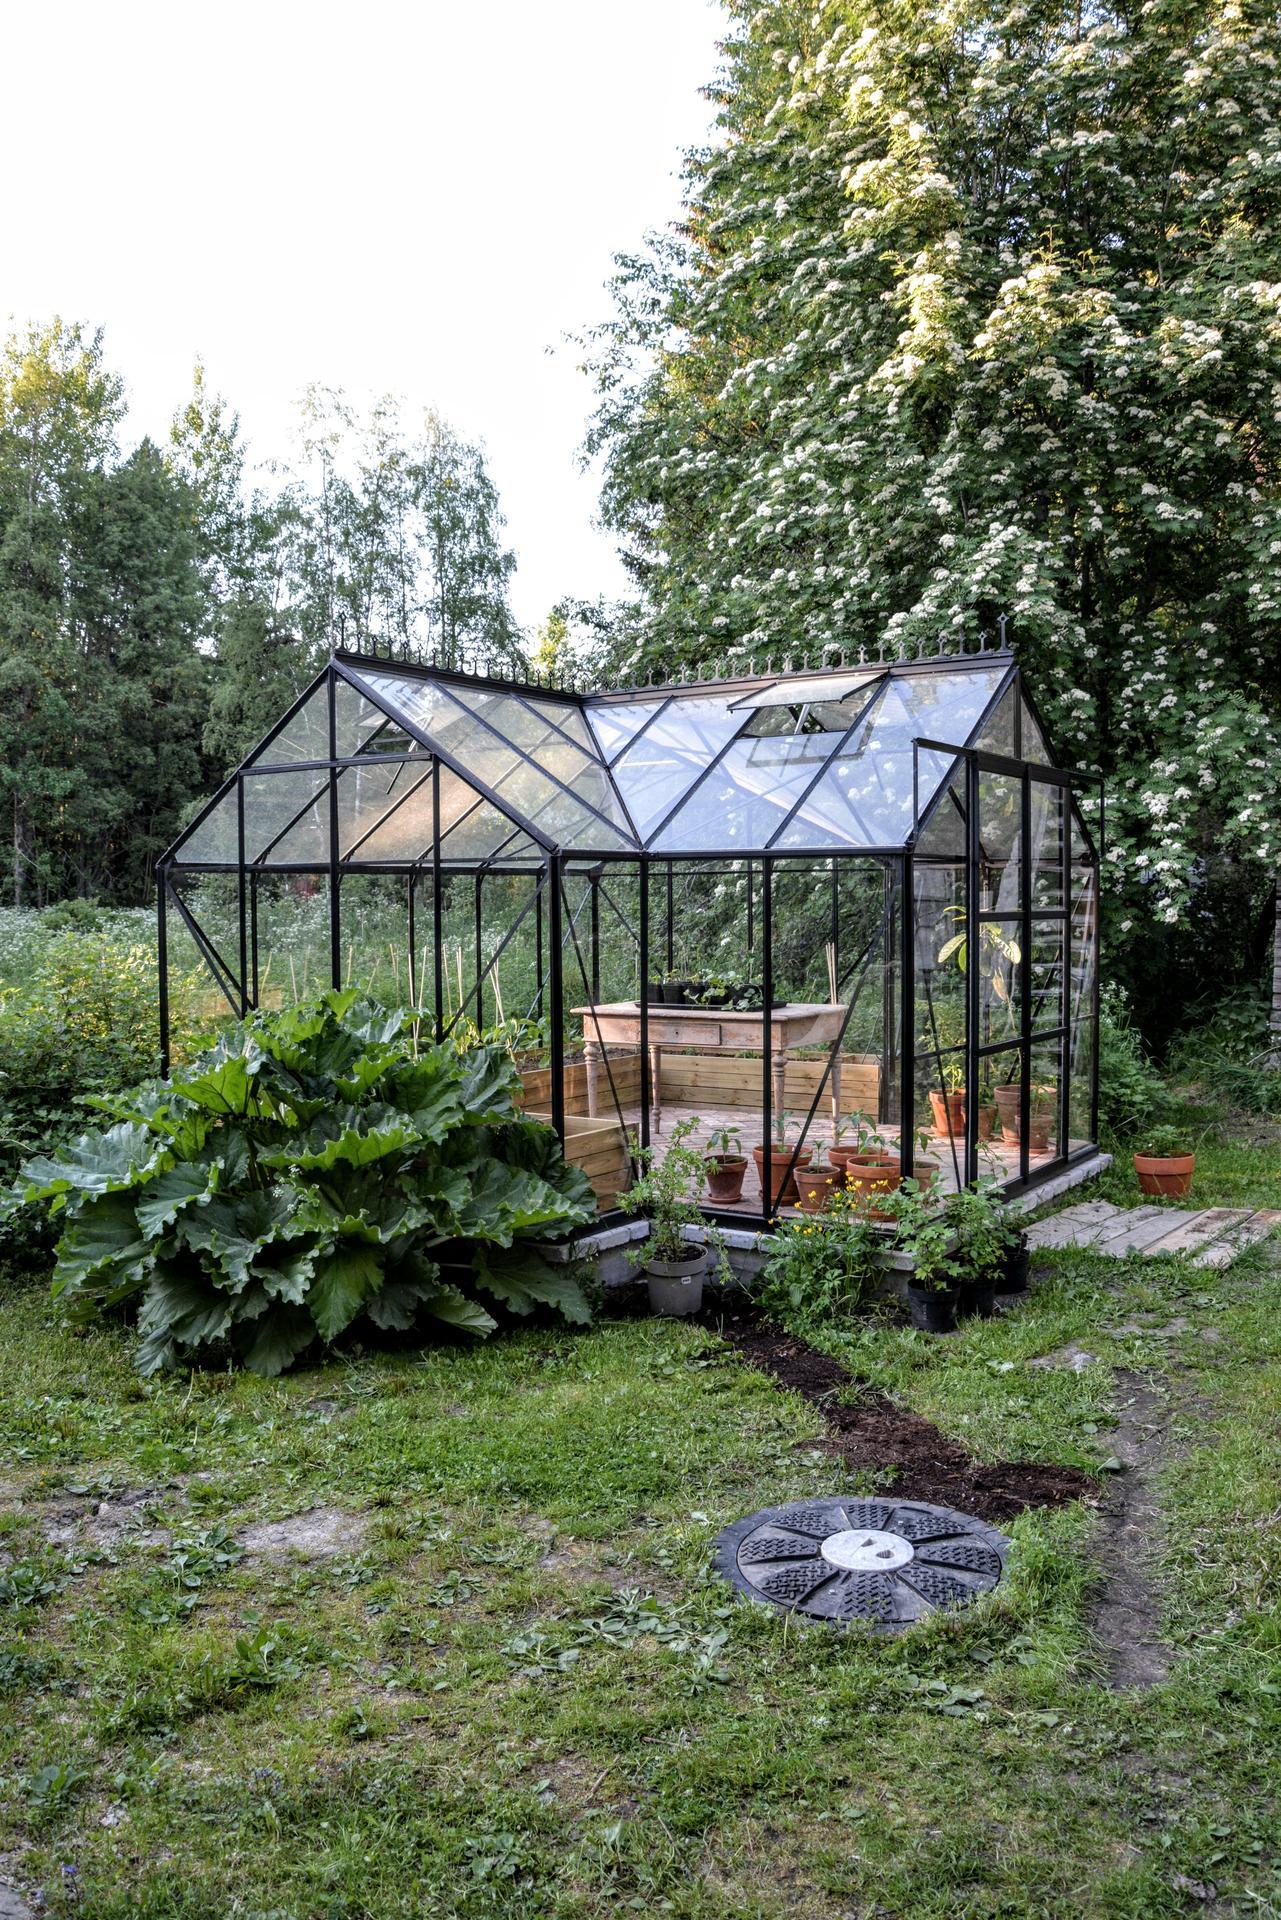 O zahradě - Obrázek č. 1